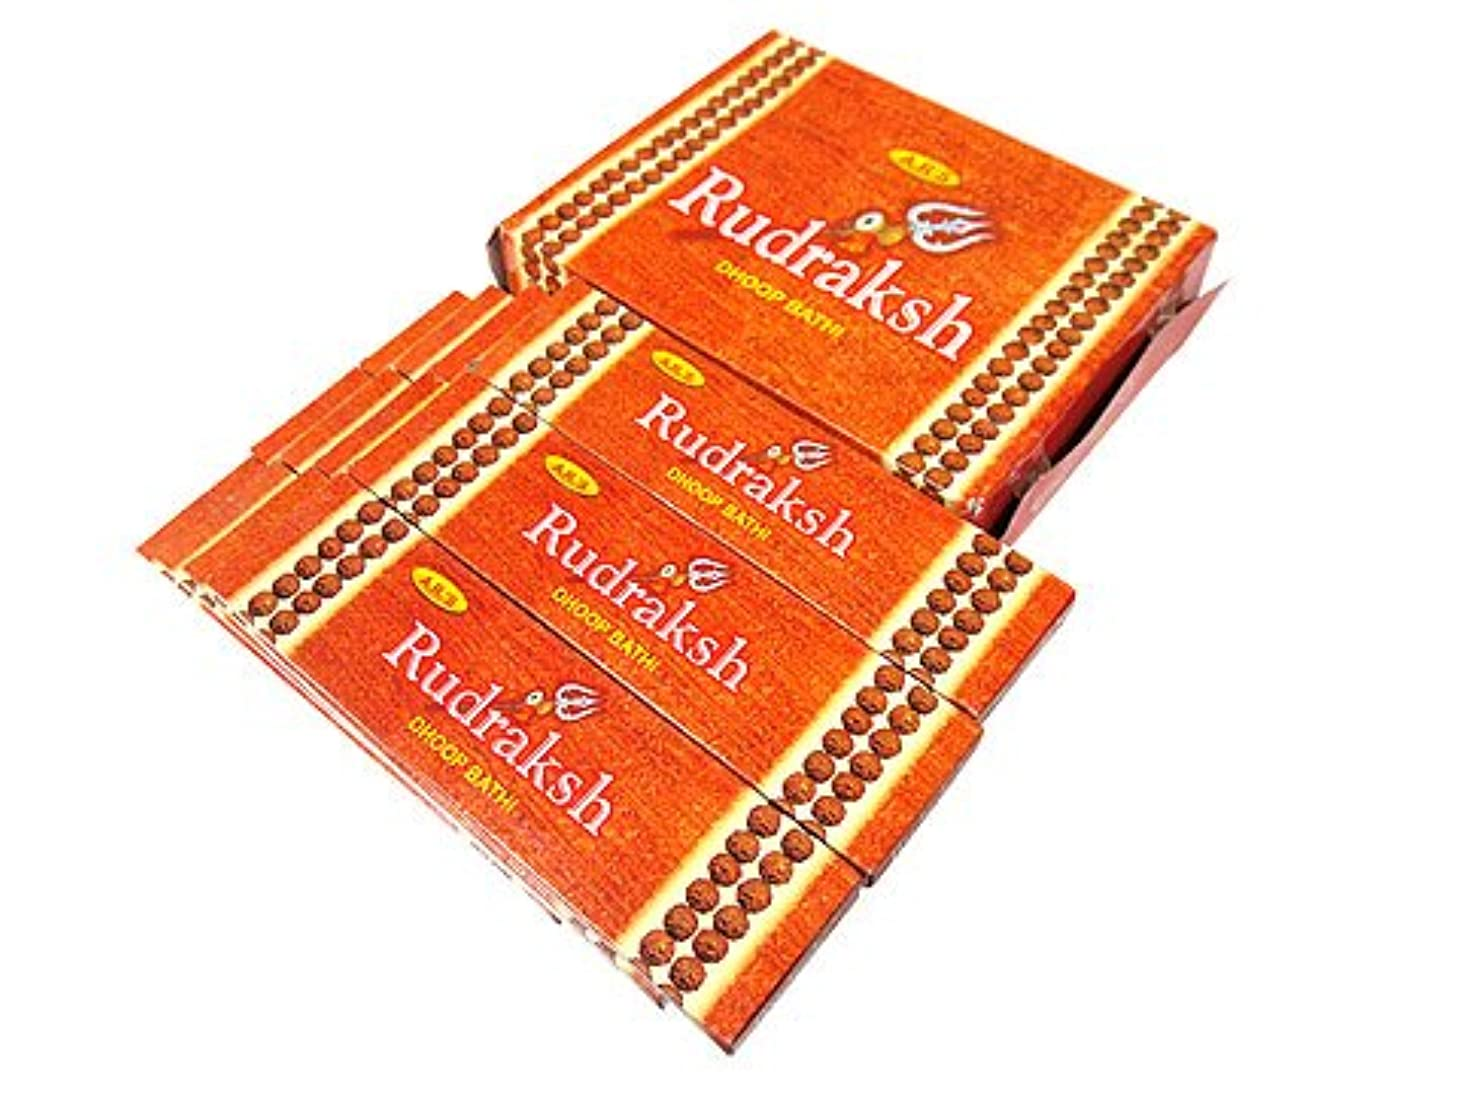 クラス取り替えるサイレントA.R.'s(エーアールエス) ルドラクシャ香 マサラスティック RUDRAKSH 12箱セット